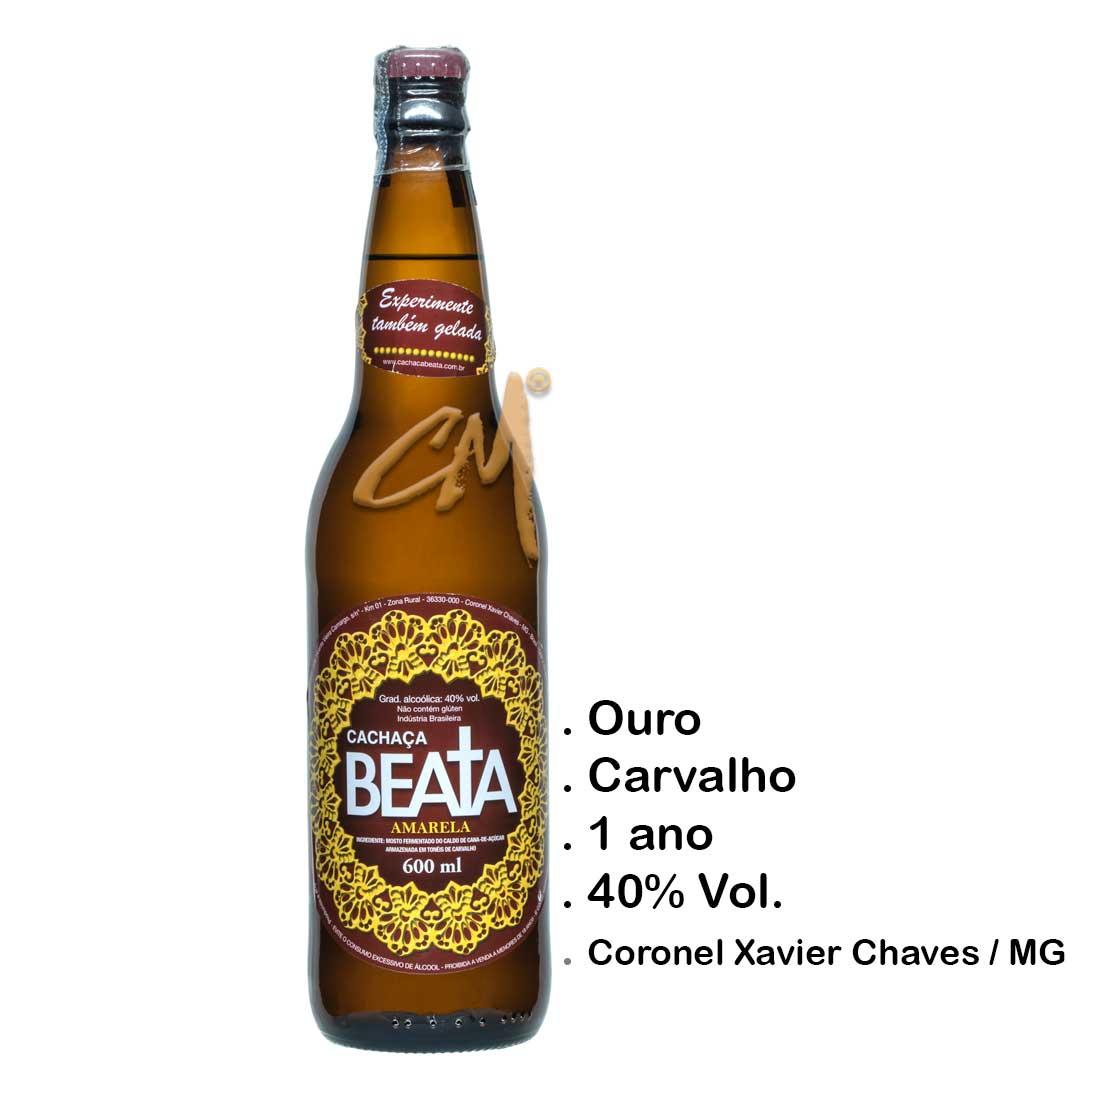 Cachaça Beata Amarela 600 ml (Coronel Xavier Chaves - MG)